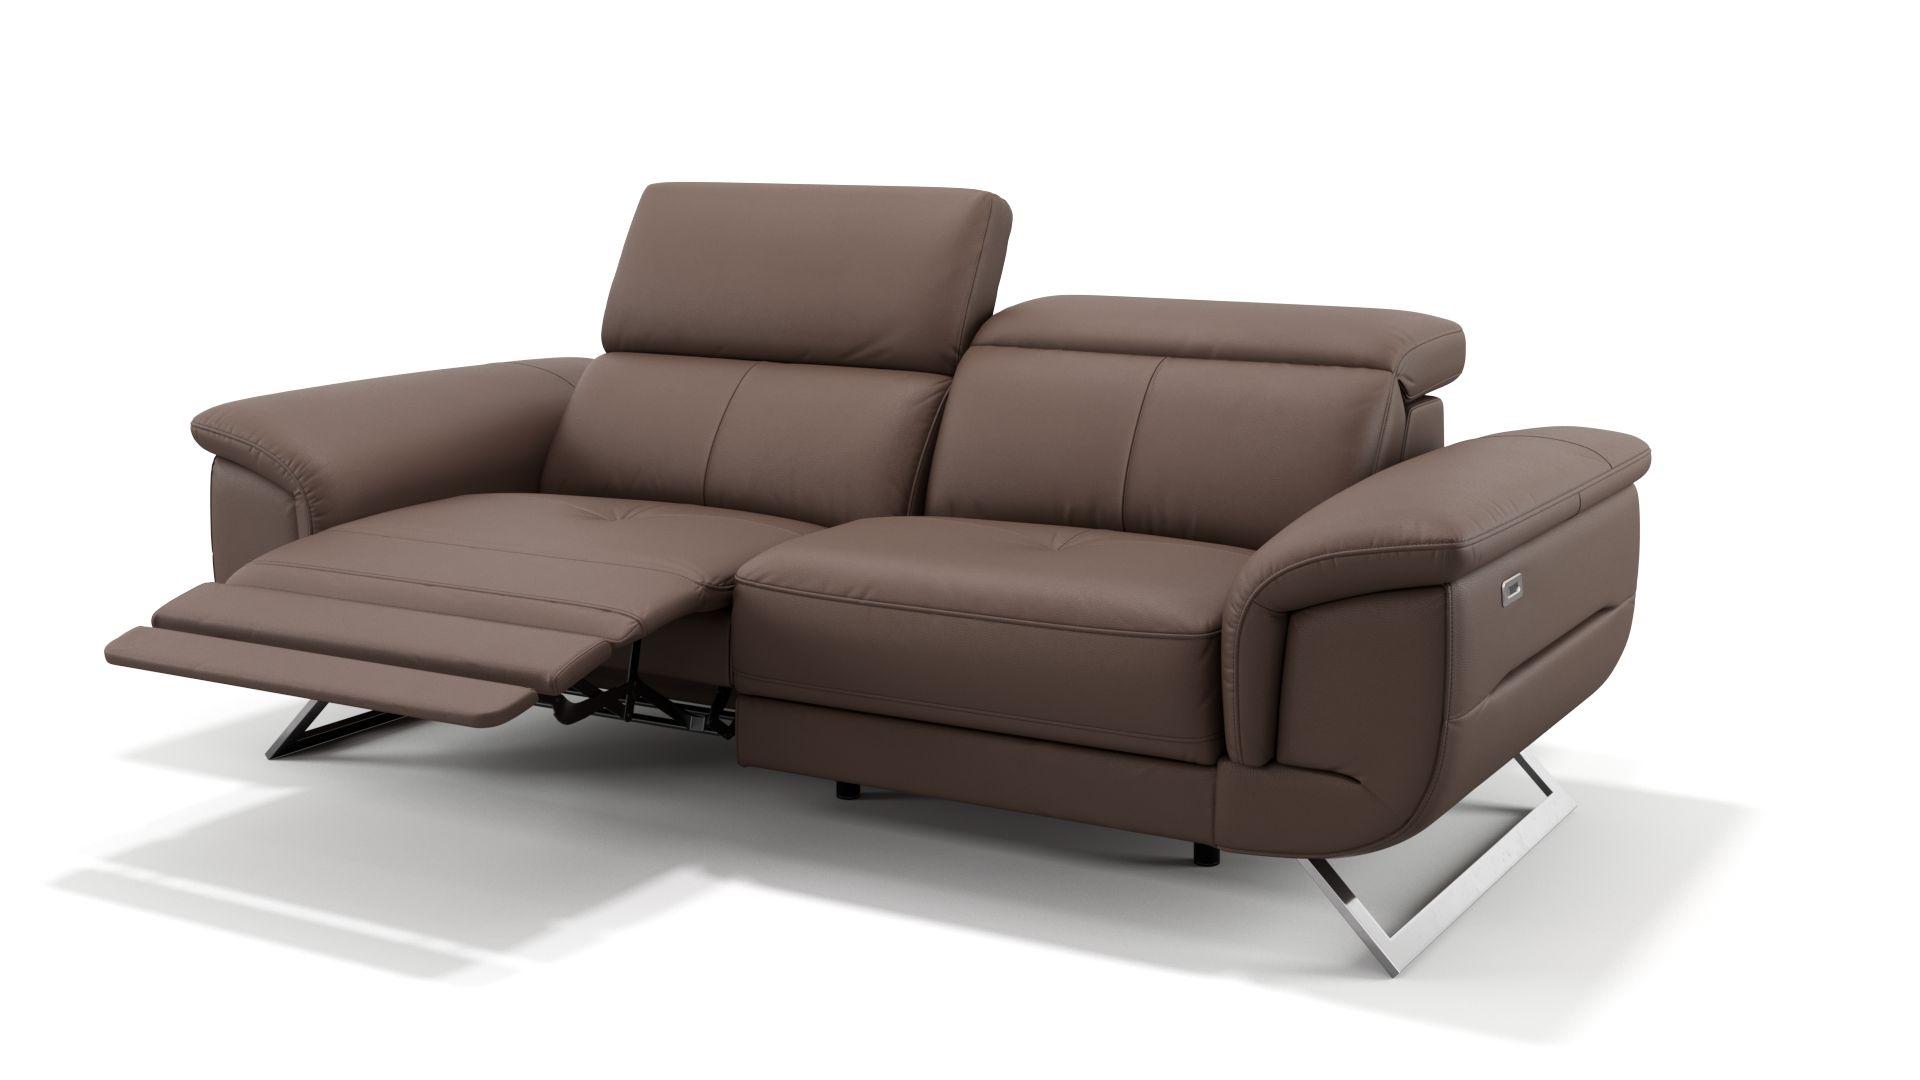 Full Size of Sofa Elektrisch Designer Leder Couch Einstellbar Sofanella Kleines Wohnzimmer Mit Hocker Verstellbarer Sitztiefe Büffelleder Ausziehbar Dauerschläfer Breit Sofa Sofa Elektrisch